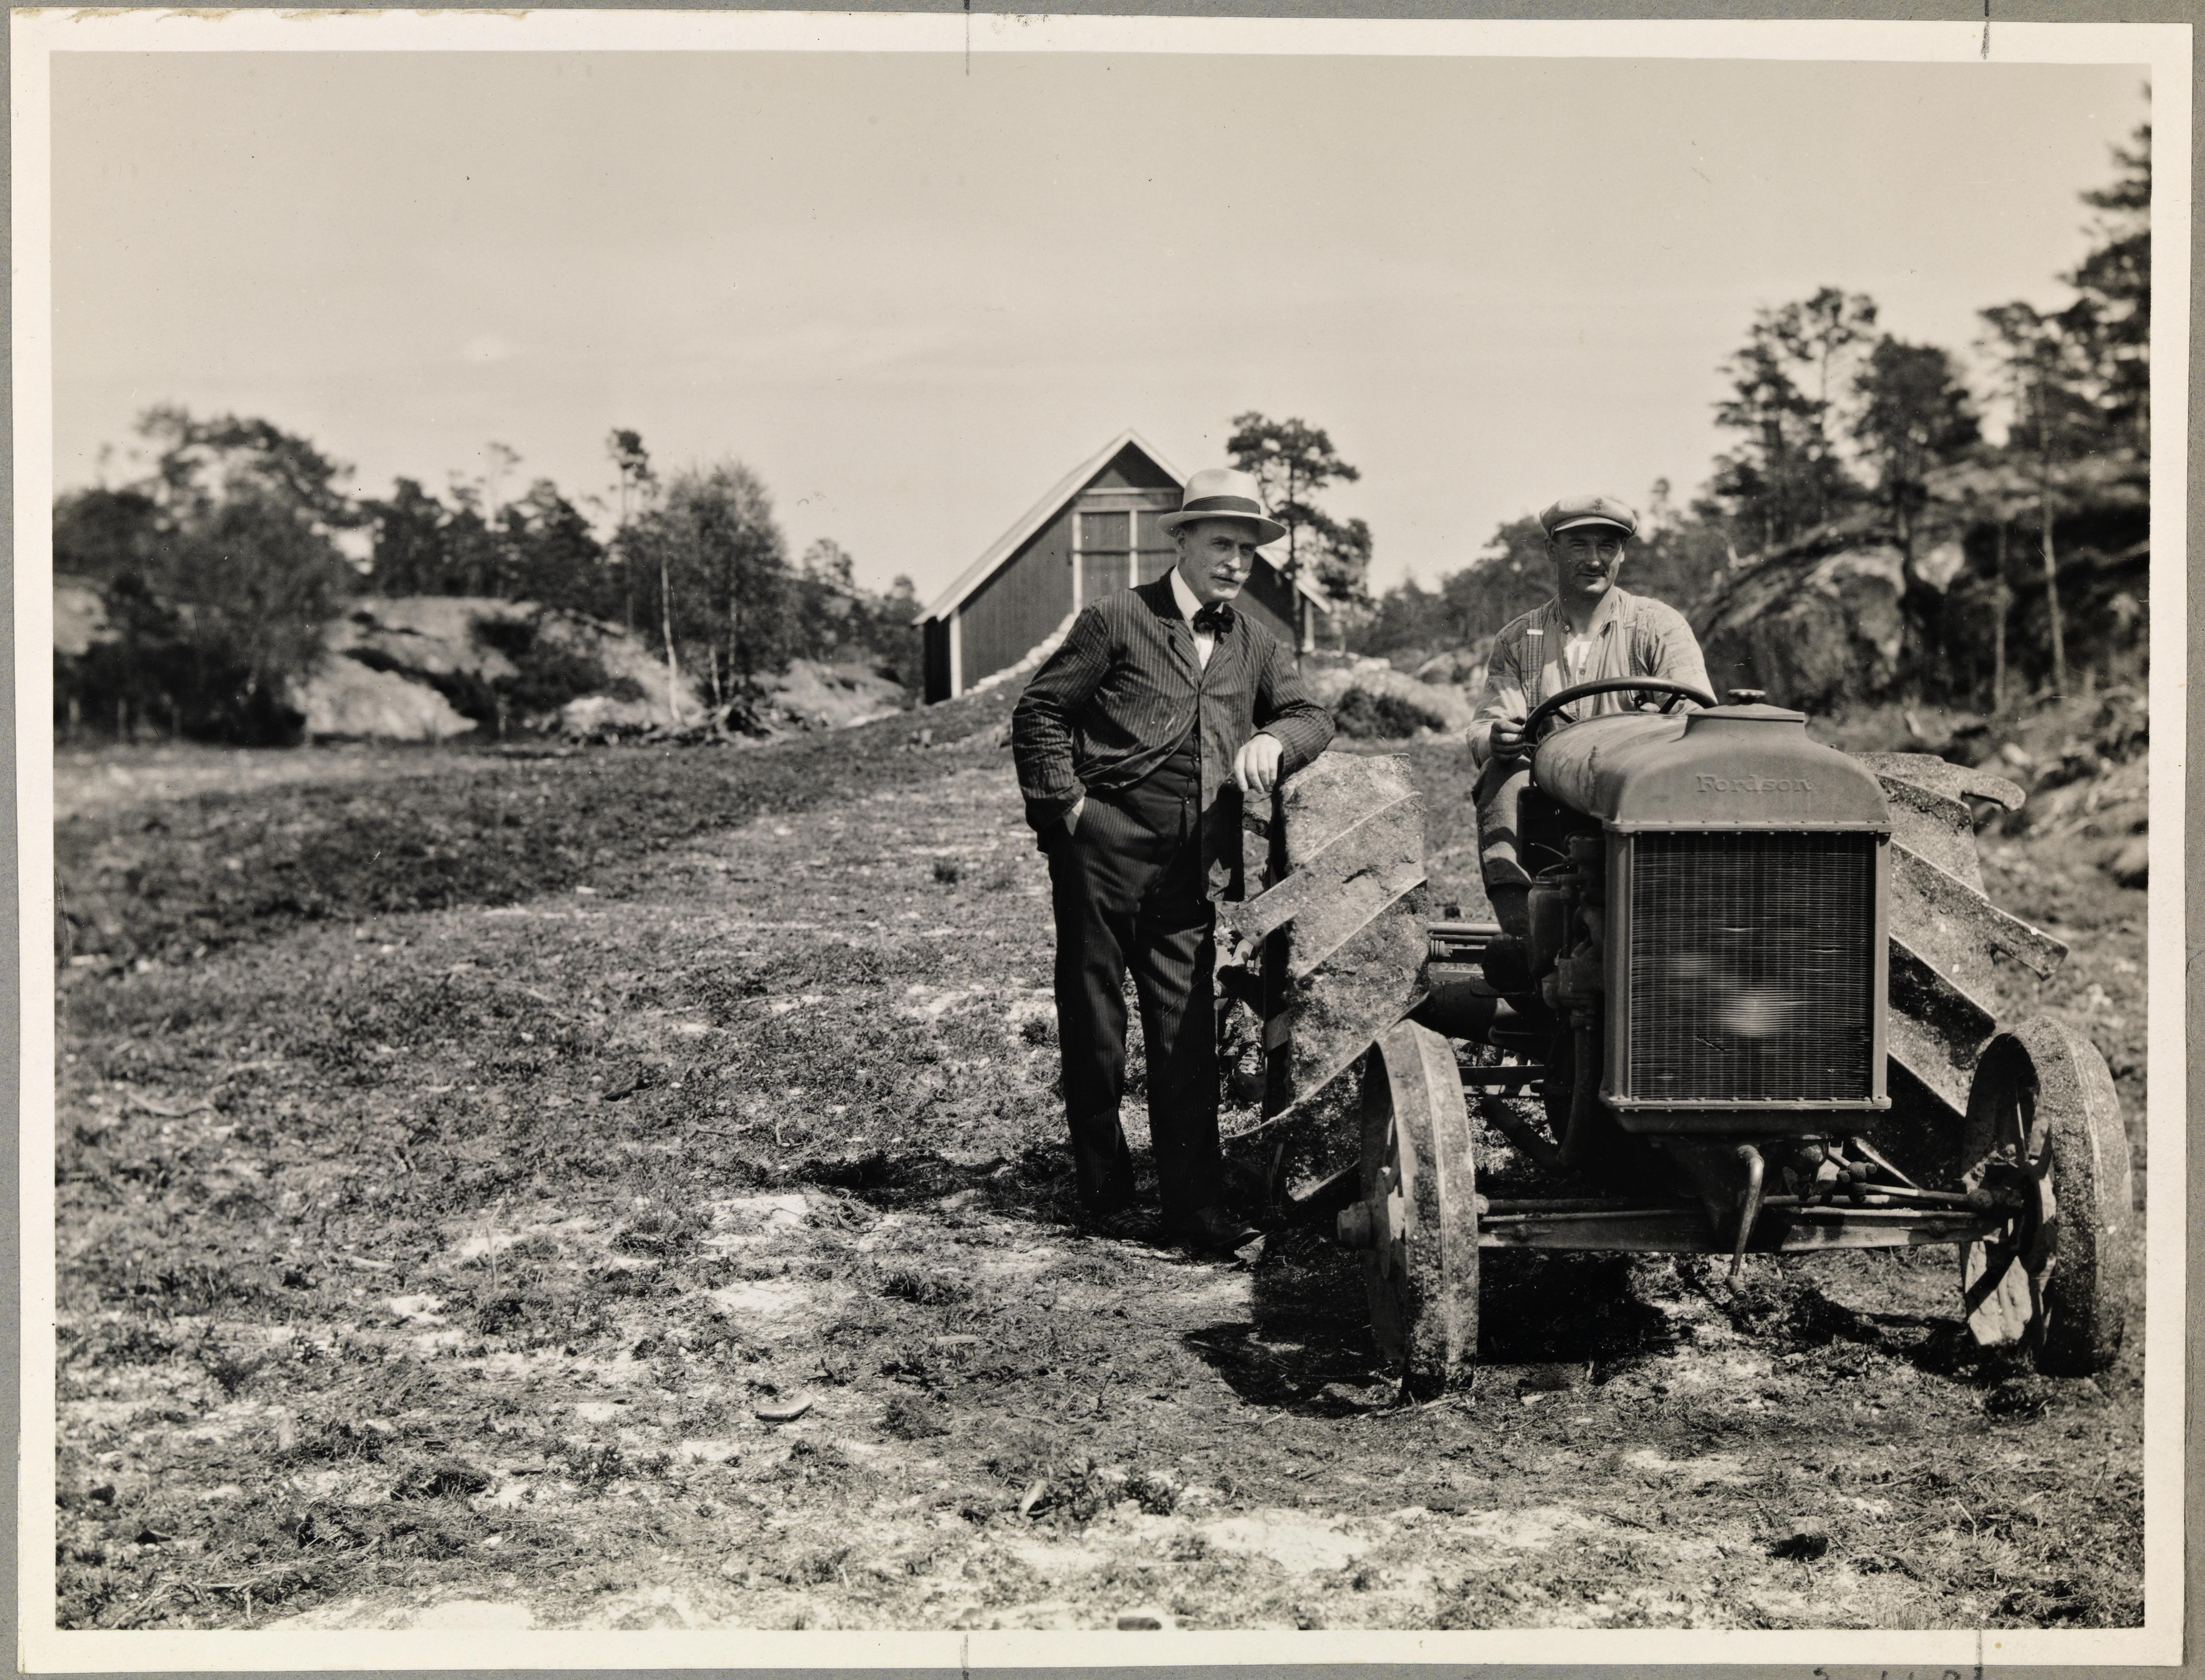 Knut Hamsun (1859-1952) ved siden av en uidentifisert mann på traktor, juni 1929